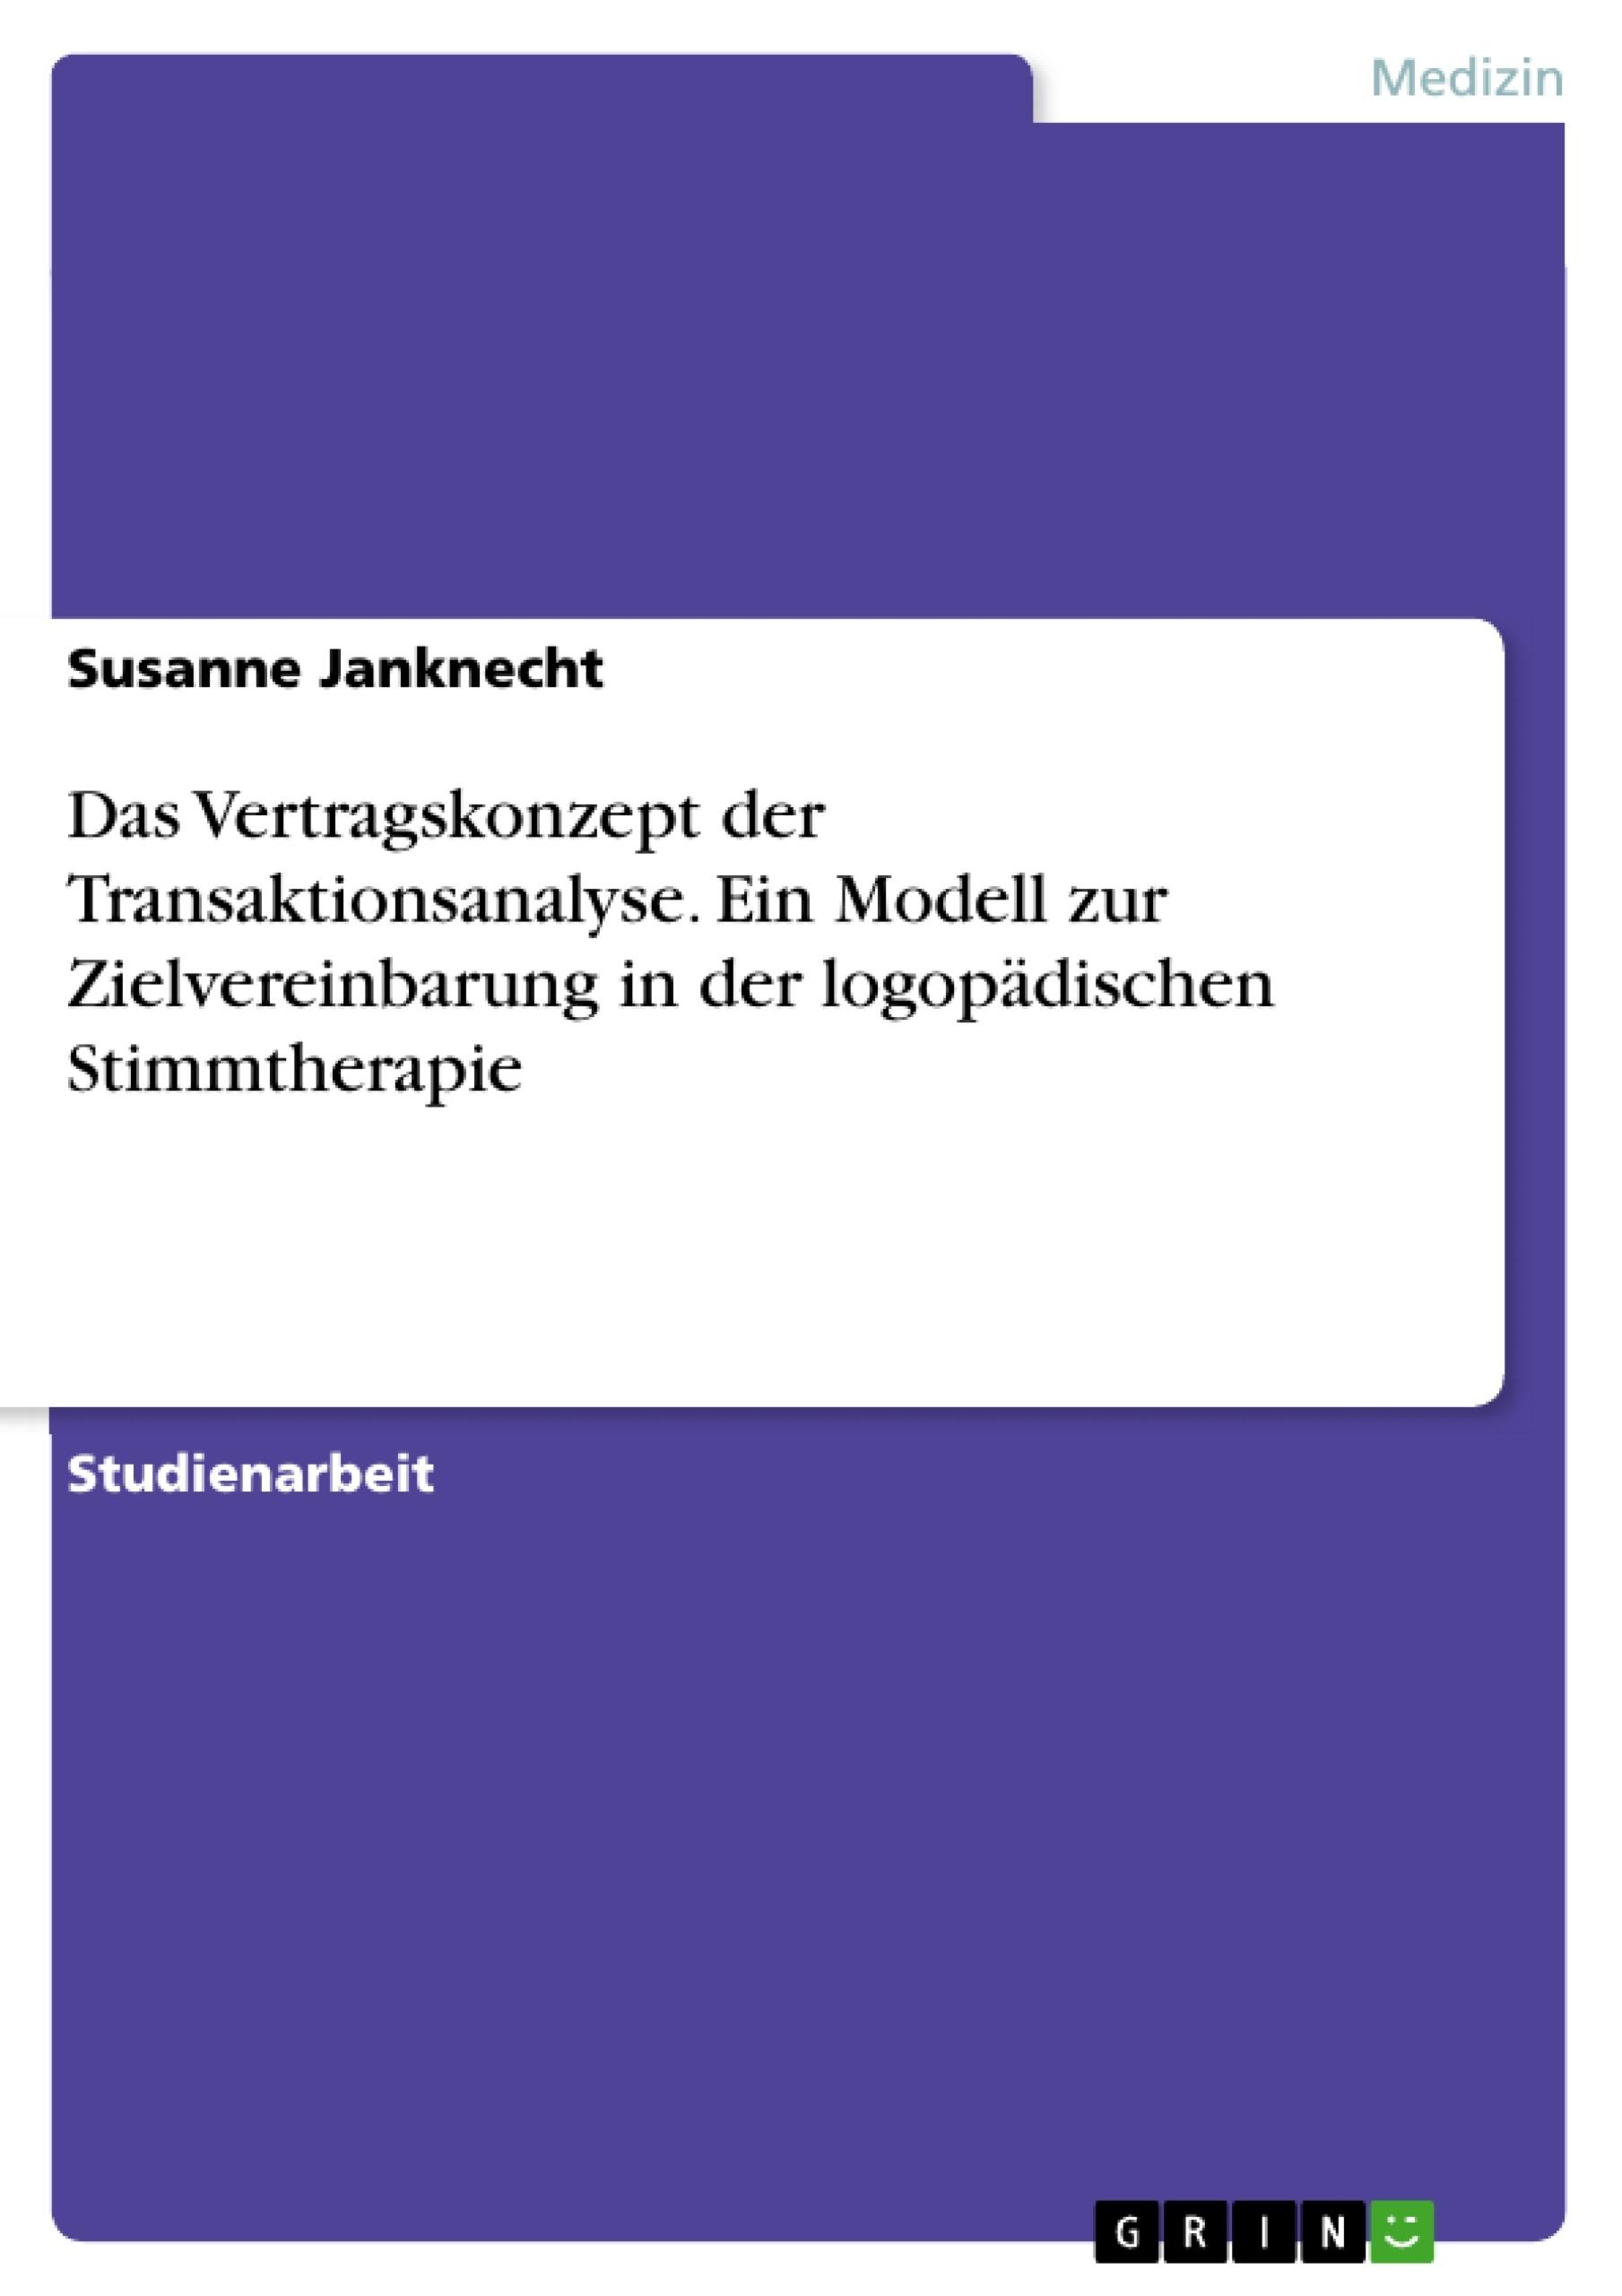 Titel: Das Vertragskonzept der Transaktionsanalyse. Ein Modell zur Zielvereinbarung in der logopädischen Stimmtherapie